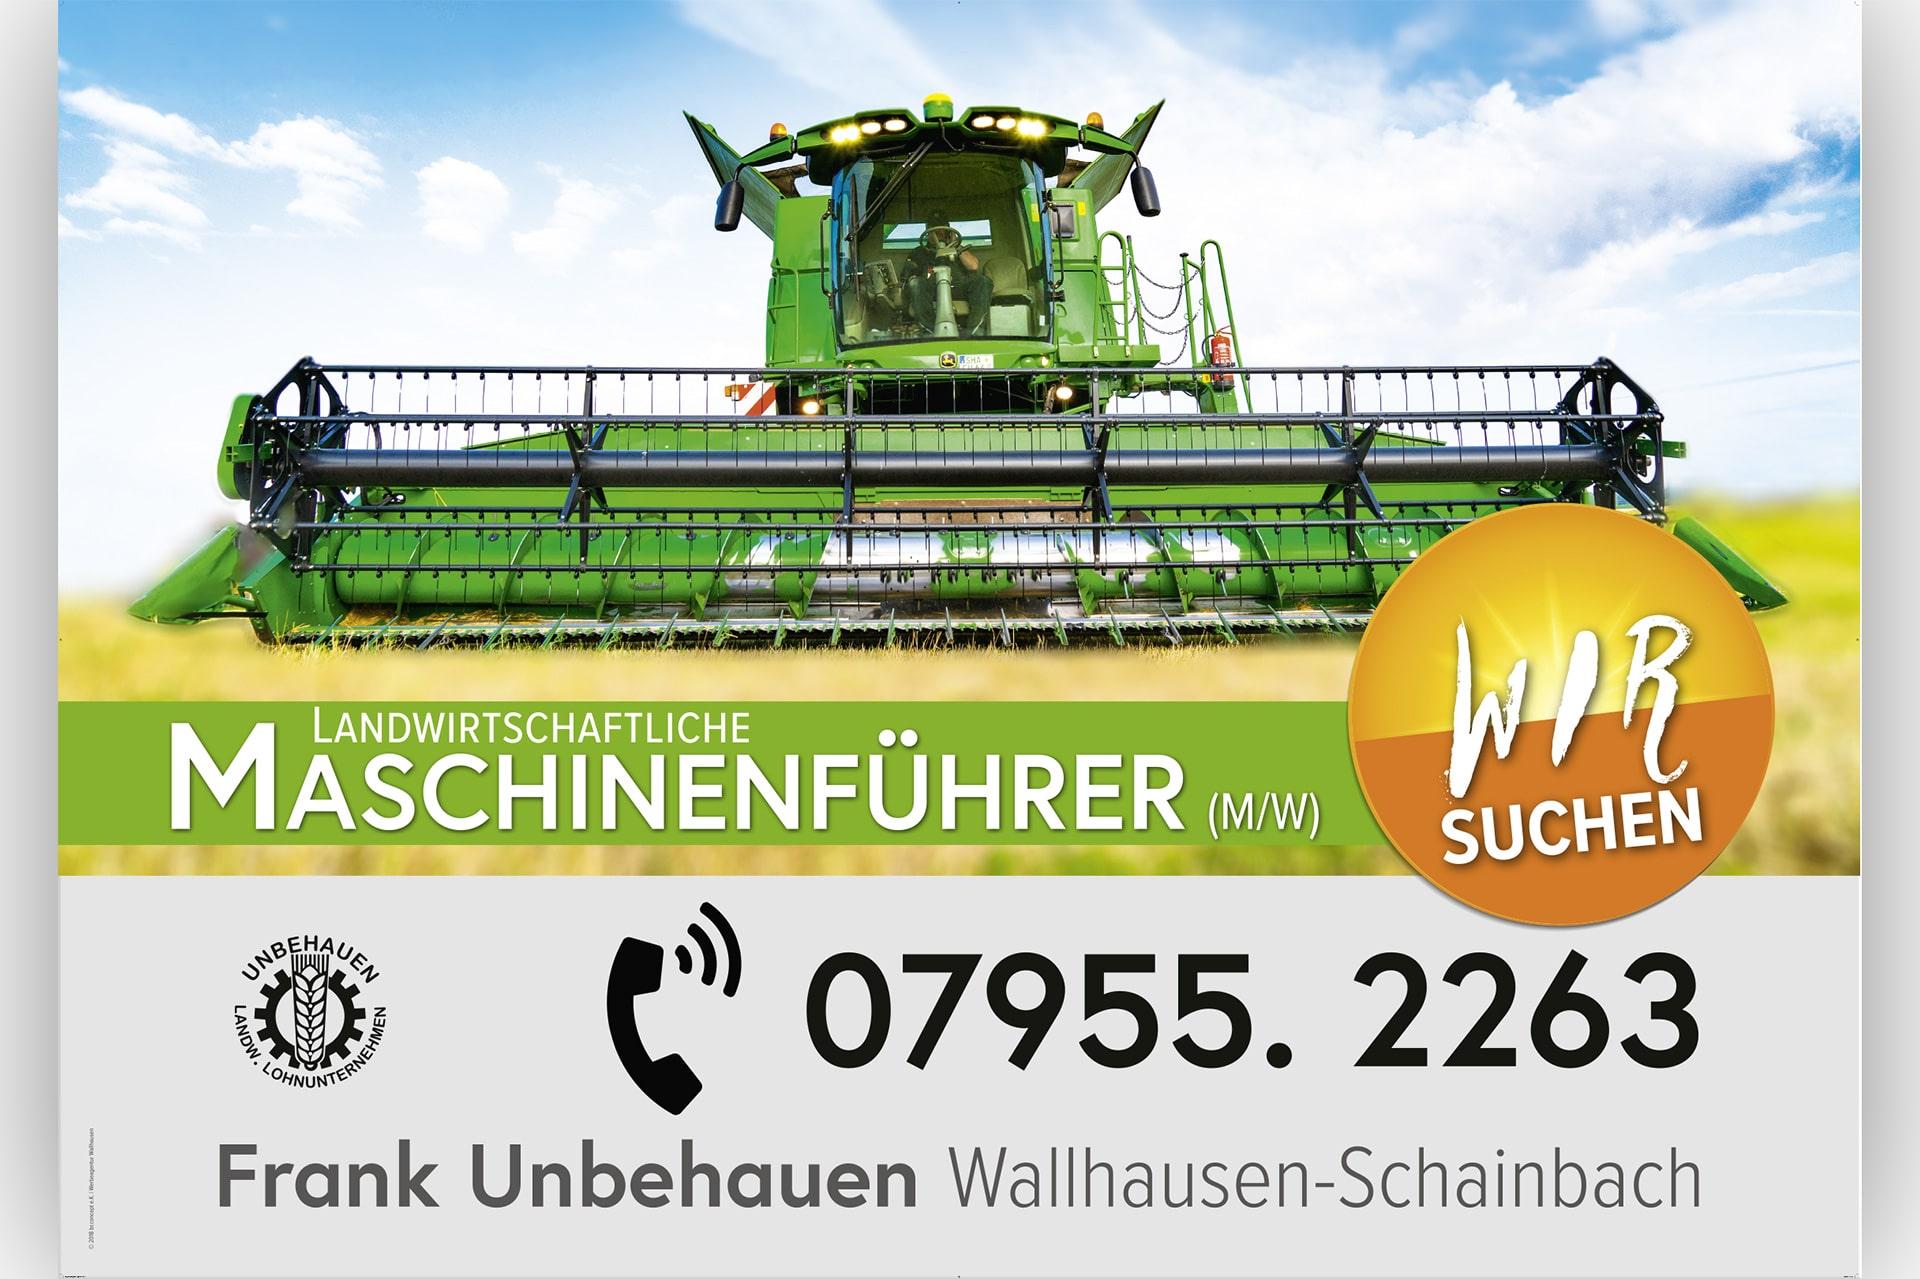 Großflächenwerbung für das landwirtschaftliche Lohnunternehmen Unbehauen in Wallhausen/Schainbach